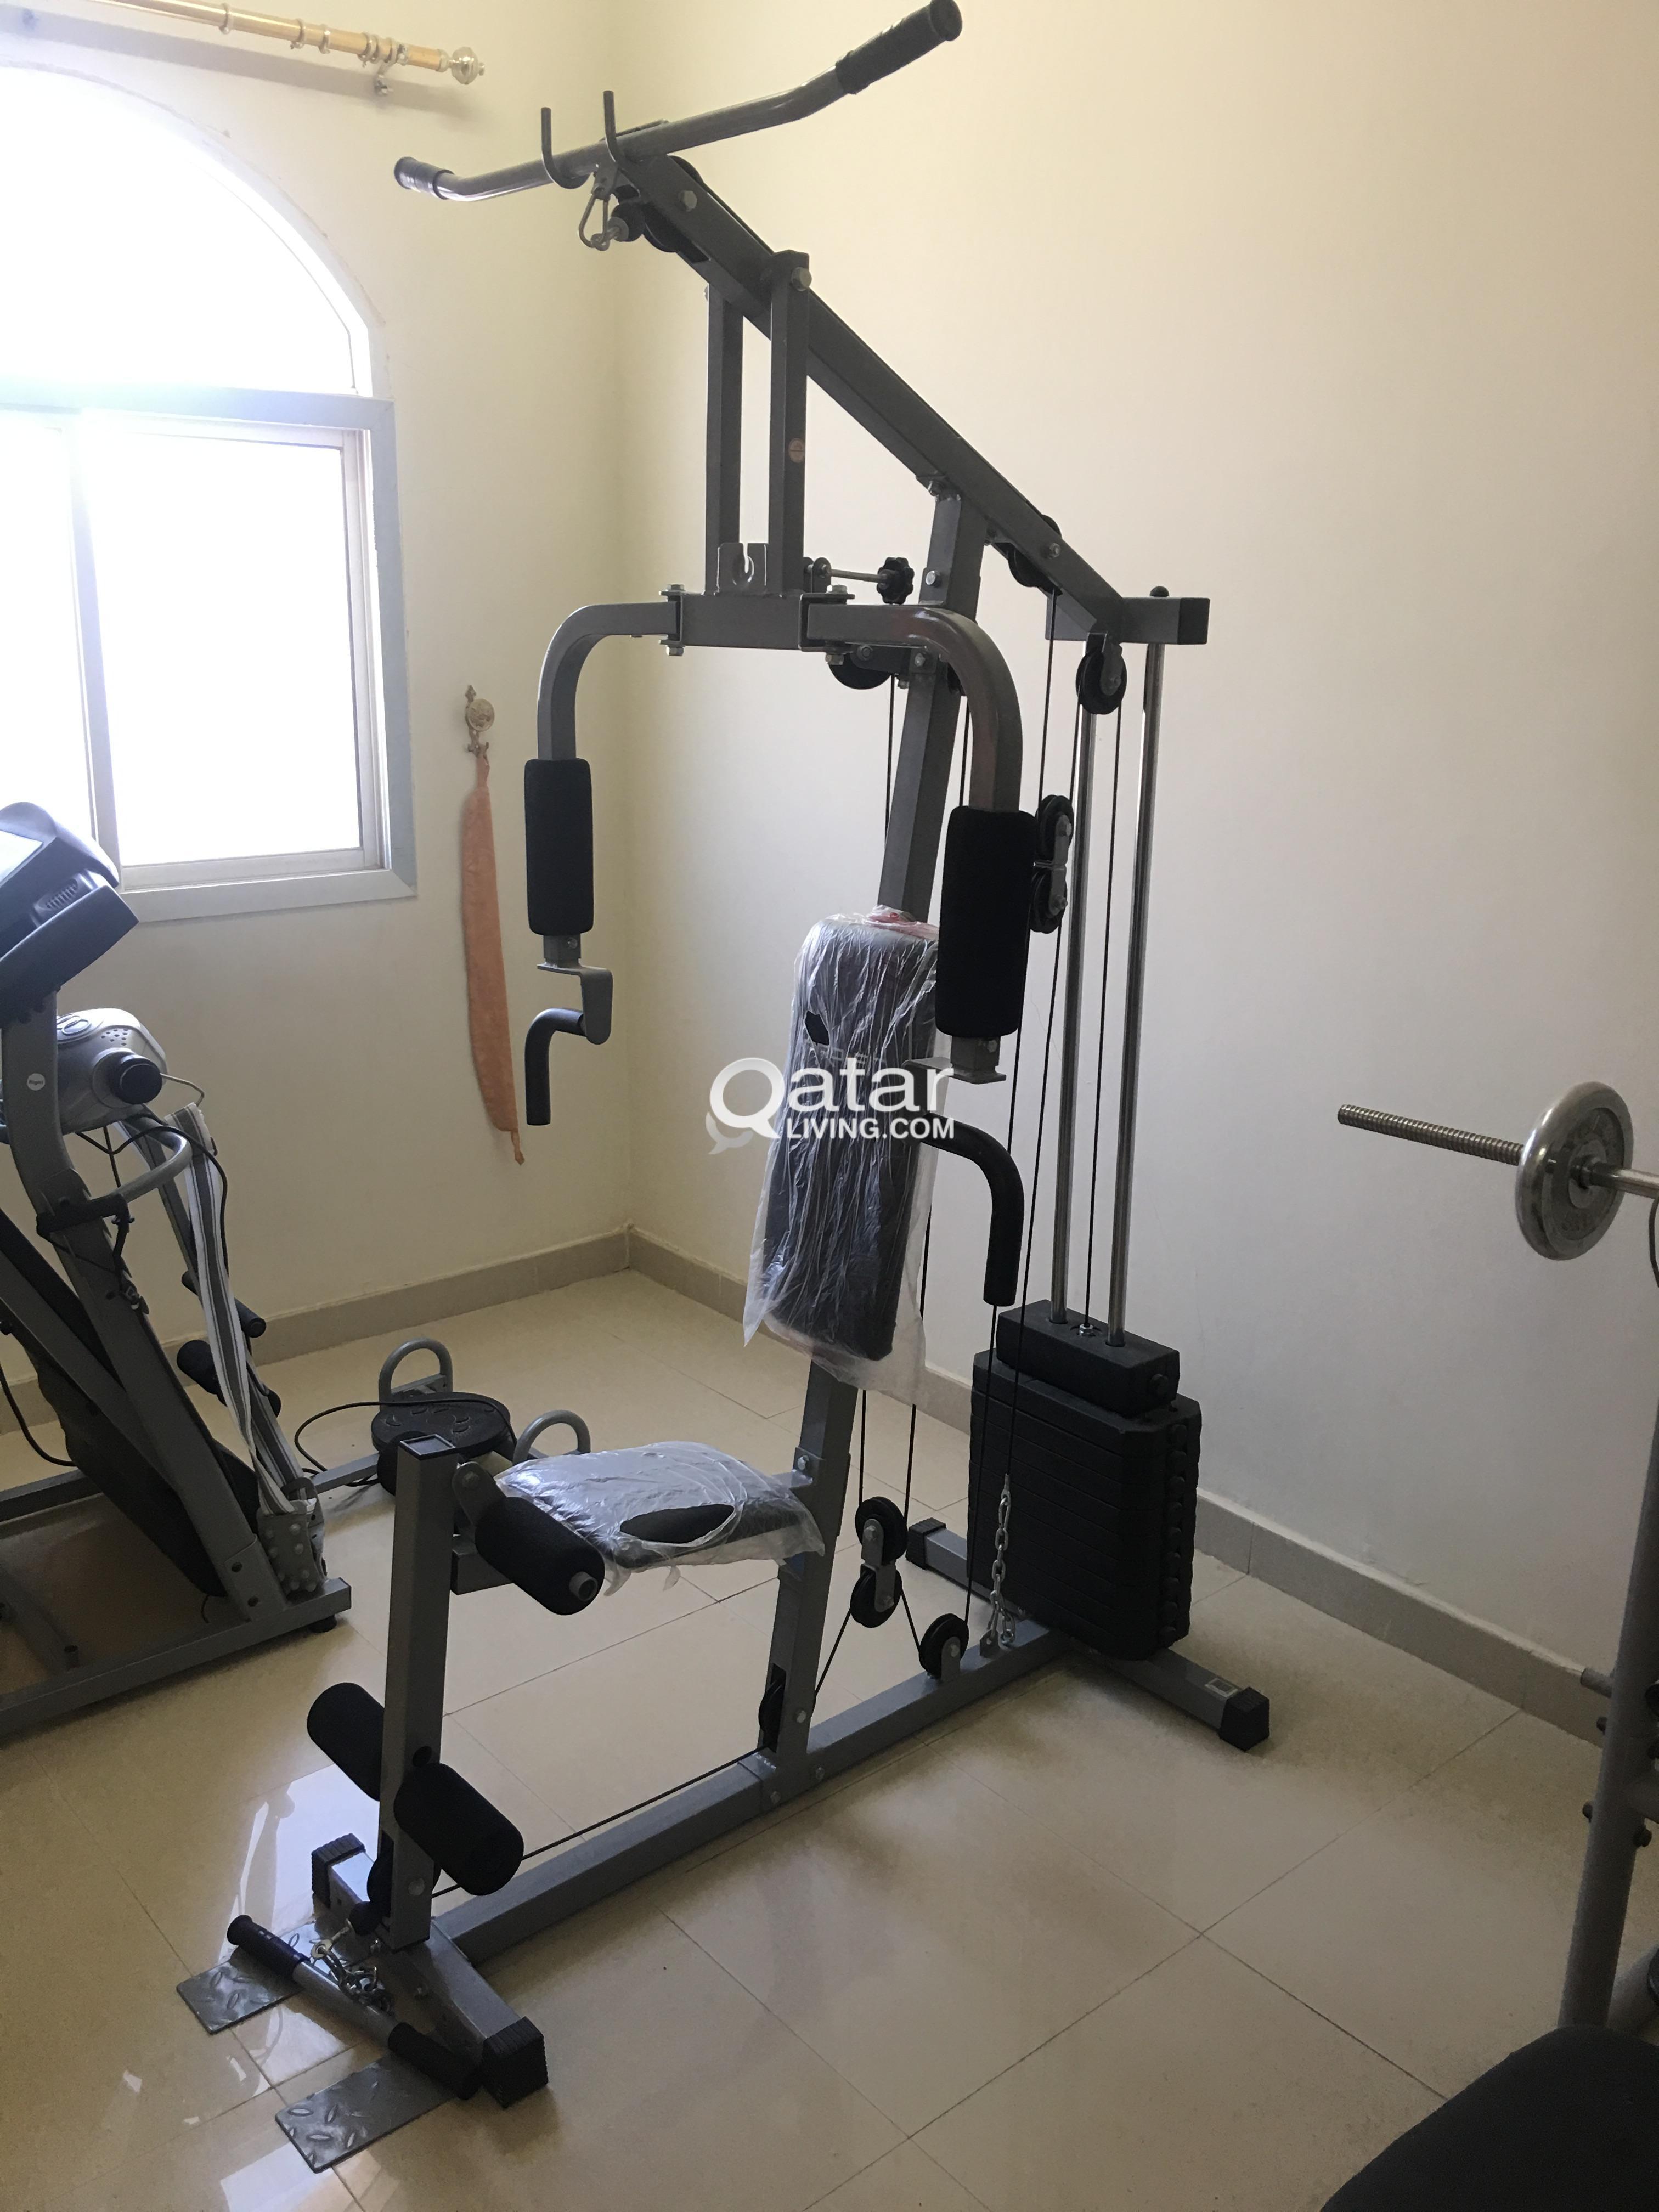 Multi home gym qatar living